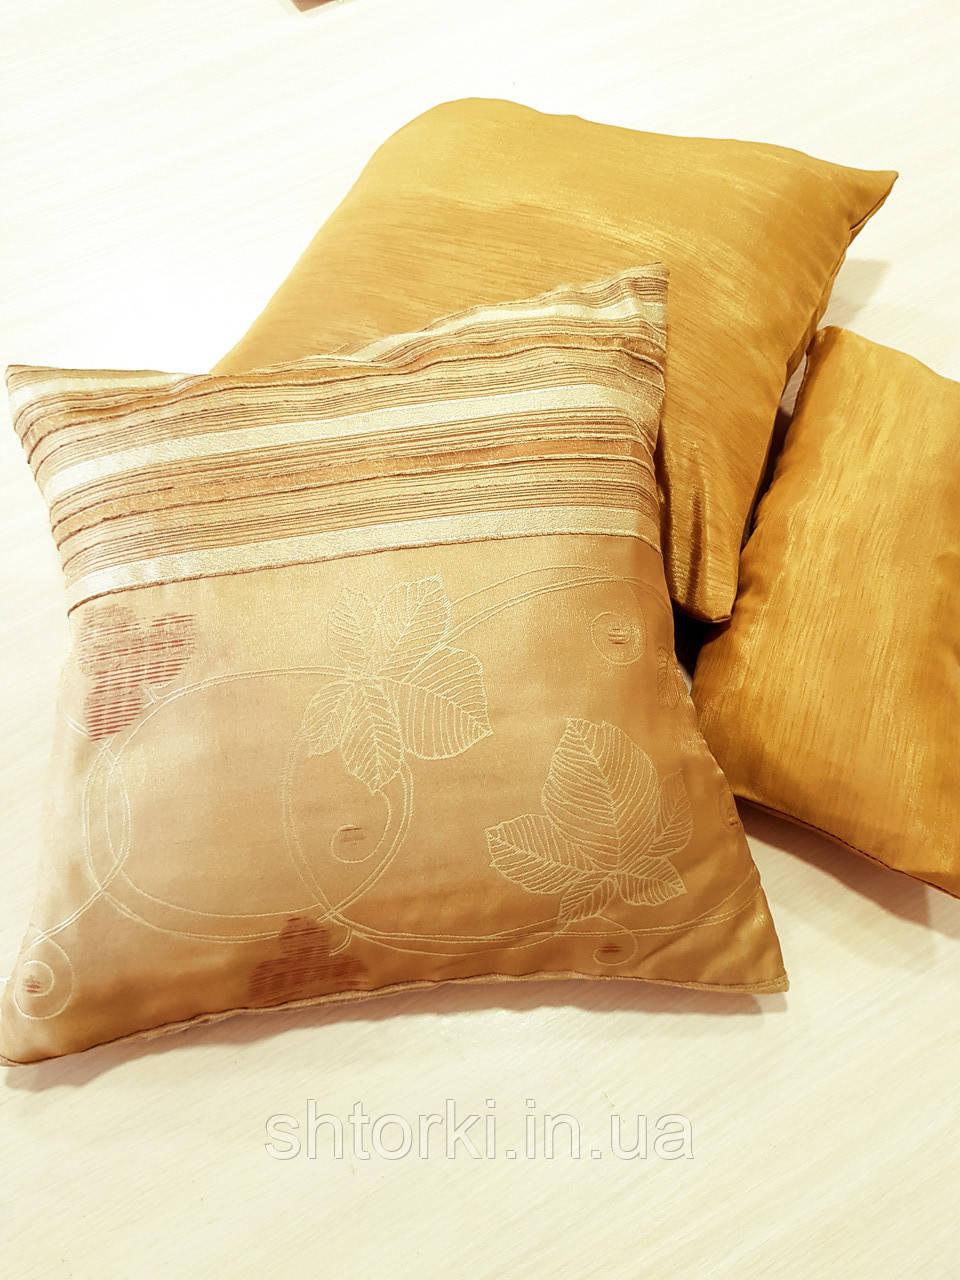 Комплект подушек  стелла матовая с полоской золото 3шт